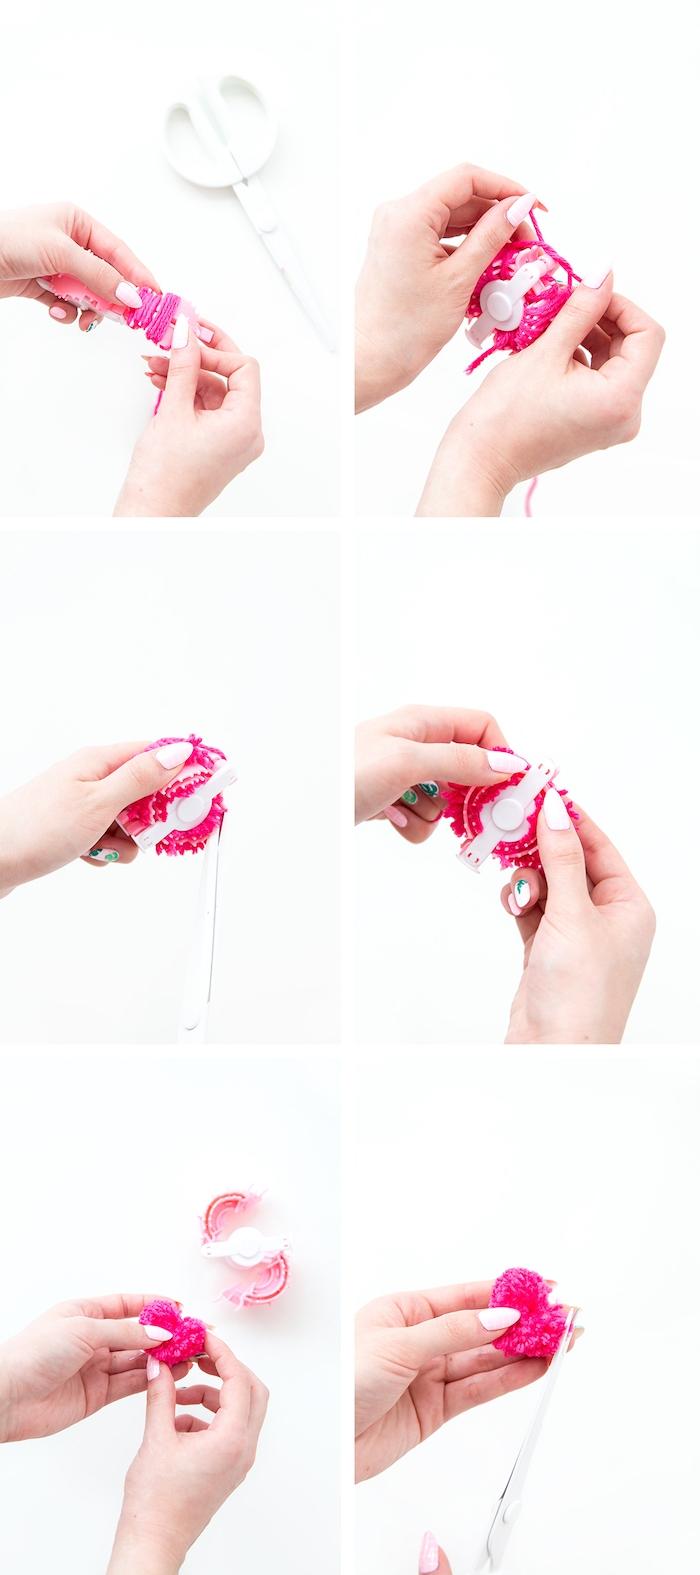 Bommel selber machen, Herz formen, selbstgemachte Ohrringe zu Weihnachten schenken